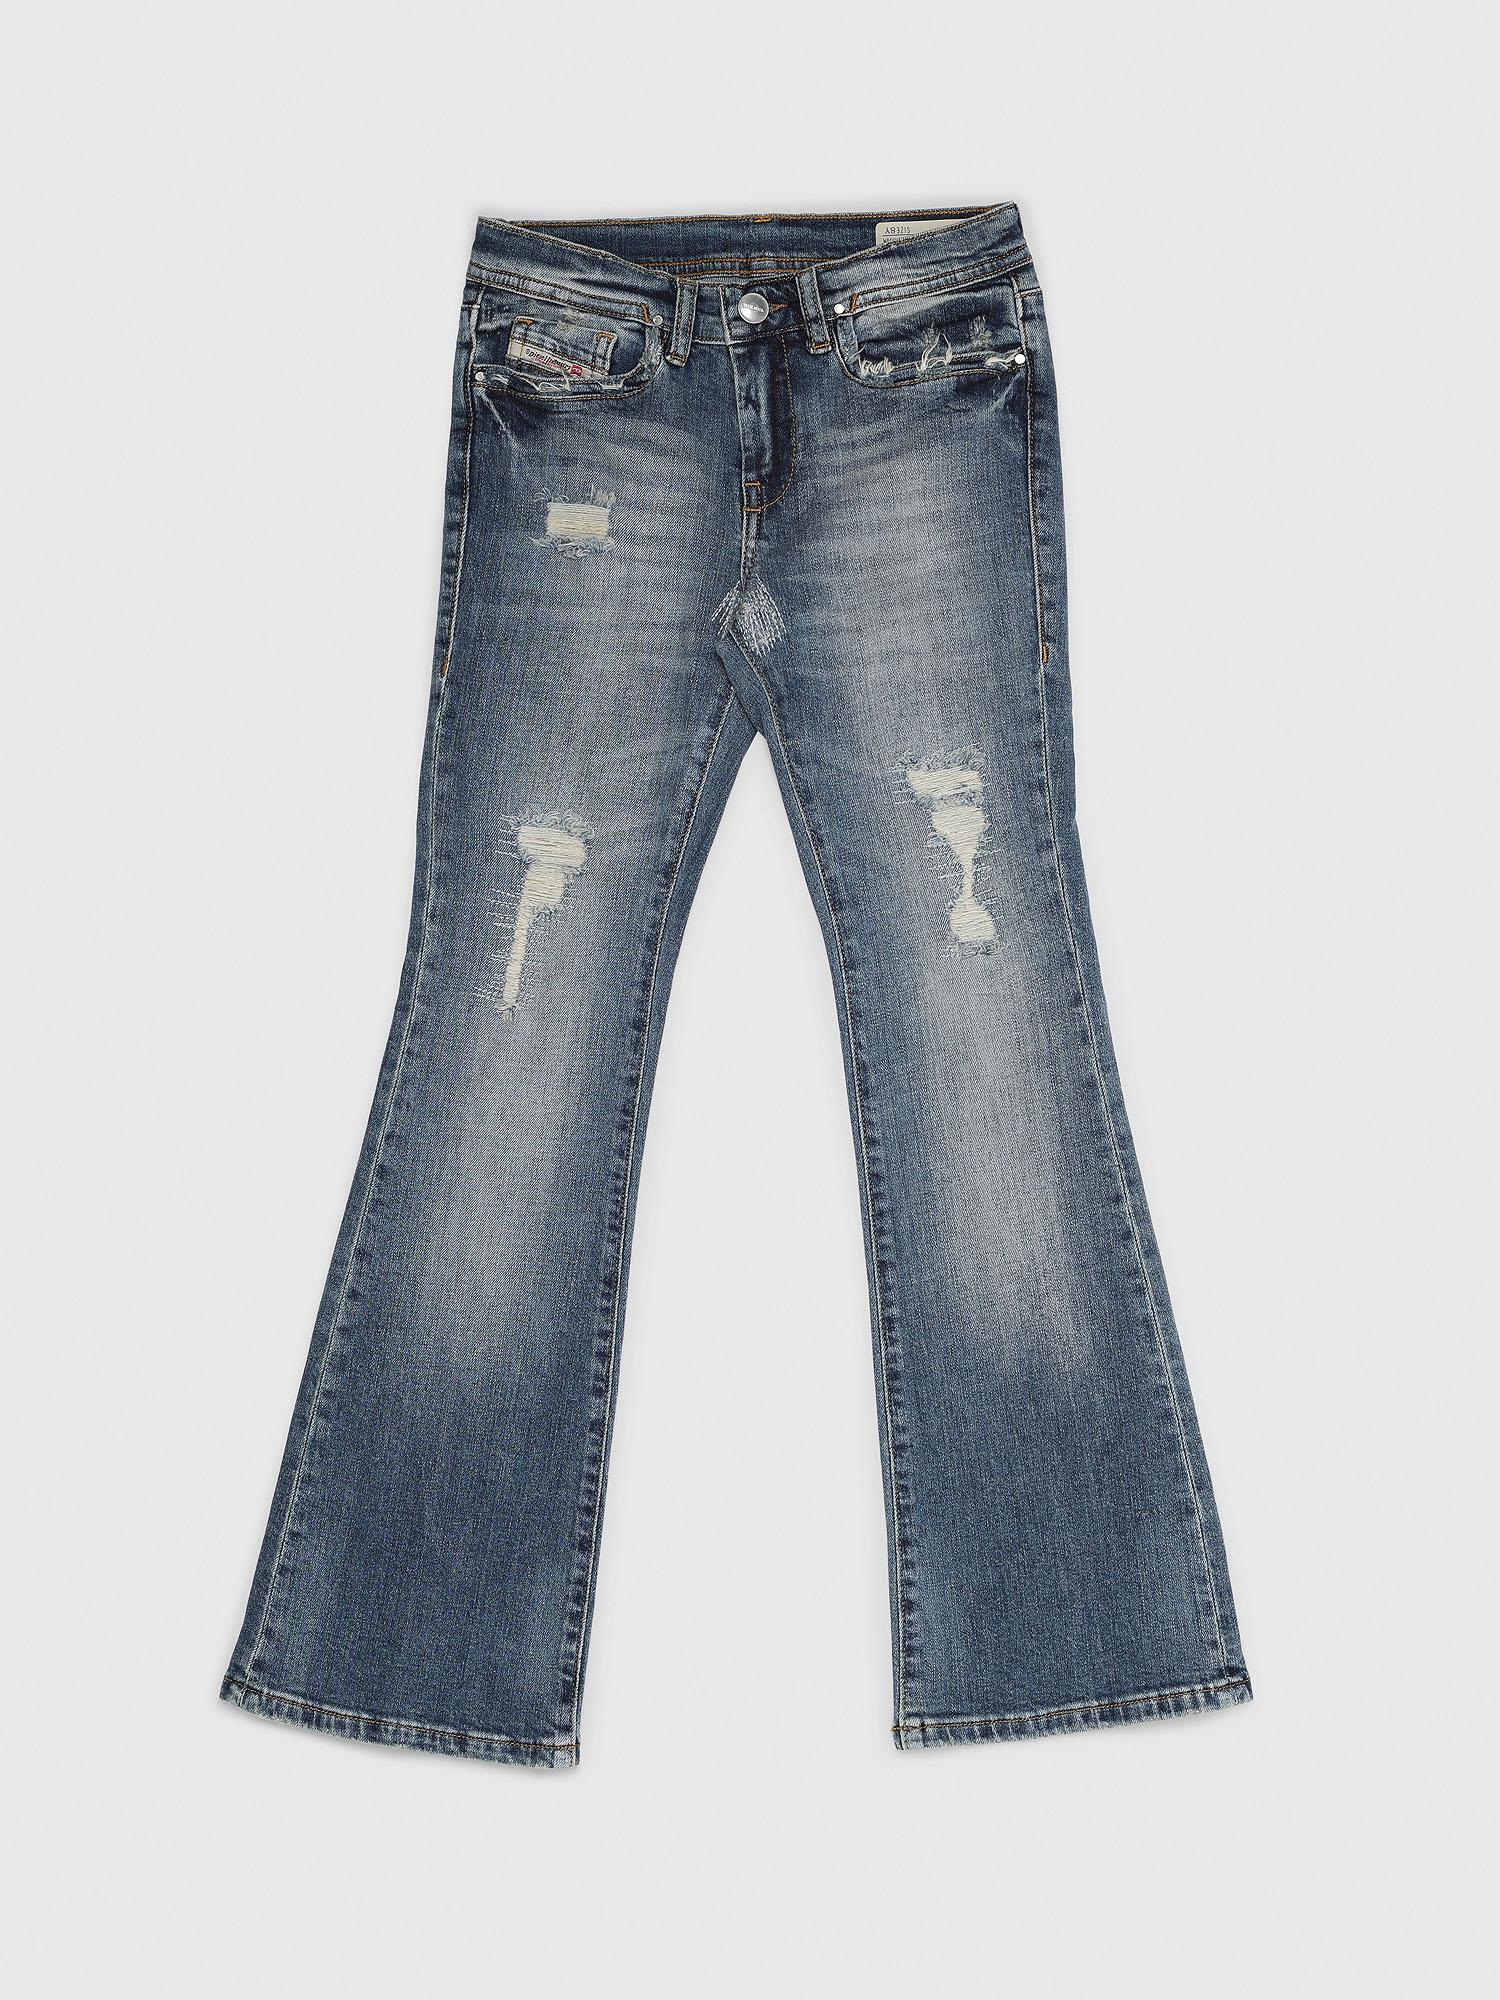 Diesel Jeans KXA92 - Blue - 10Y